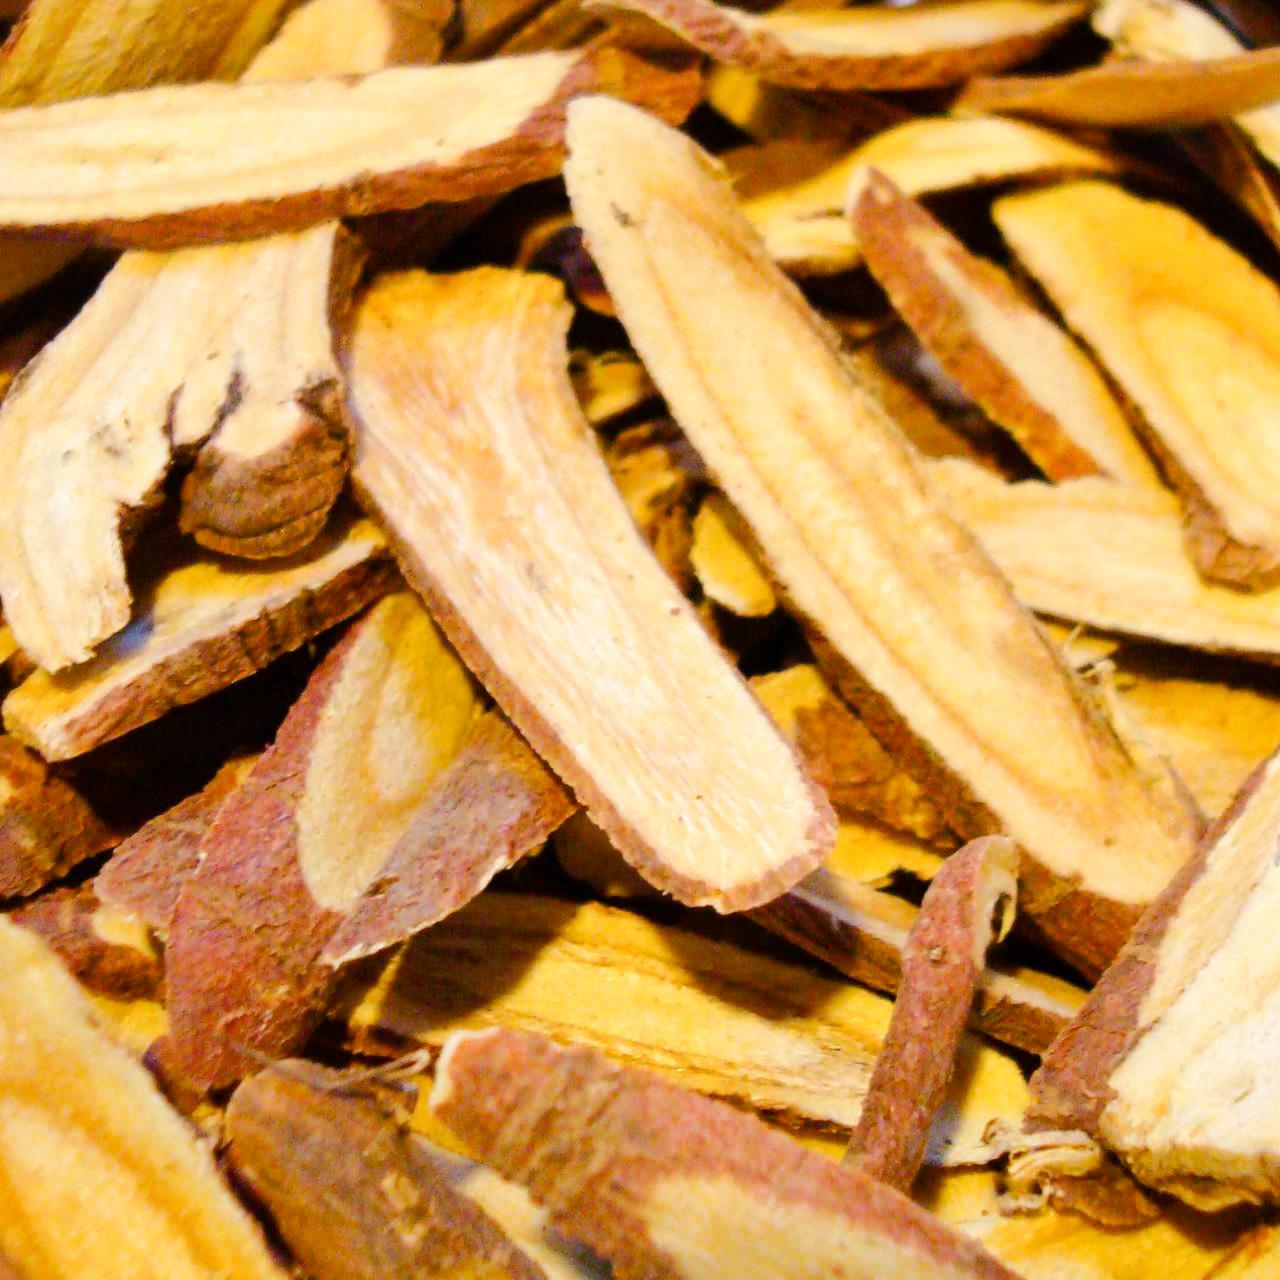 licorice root-4.jpg